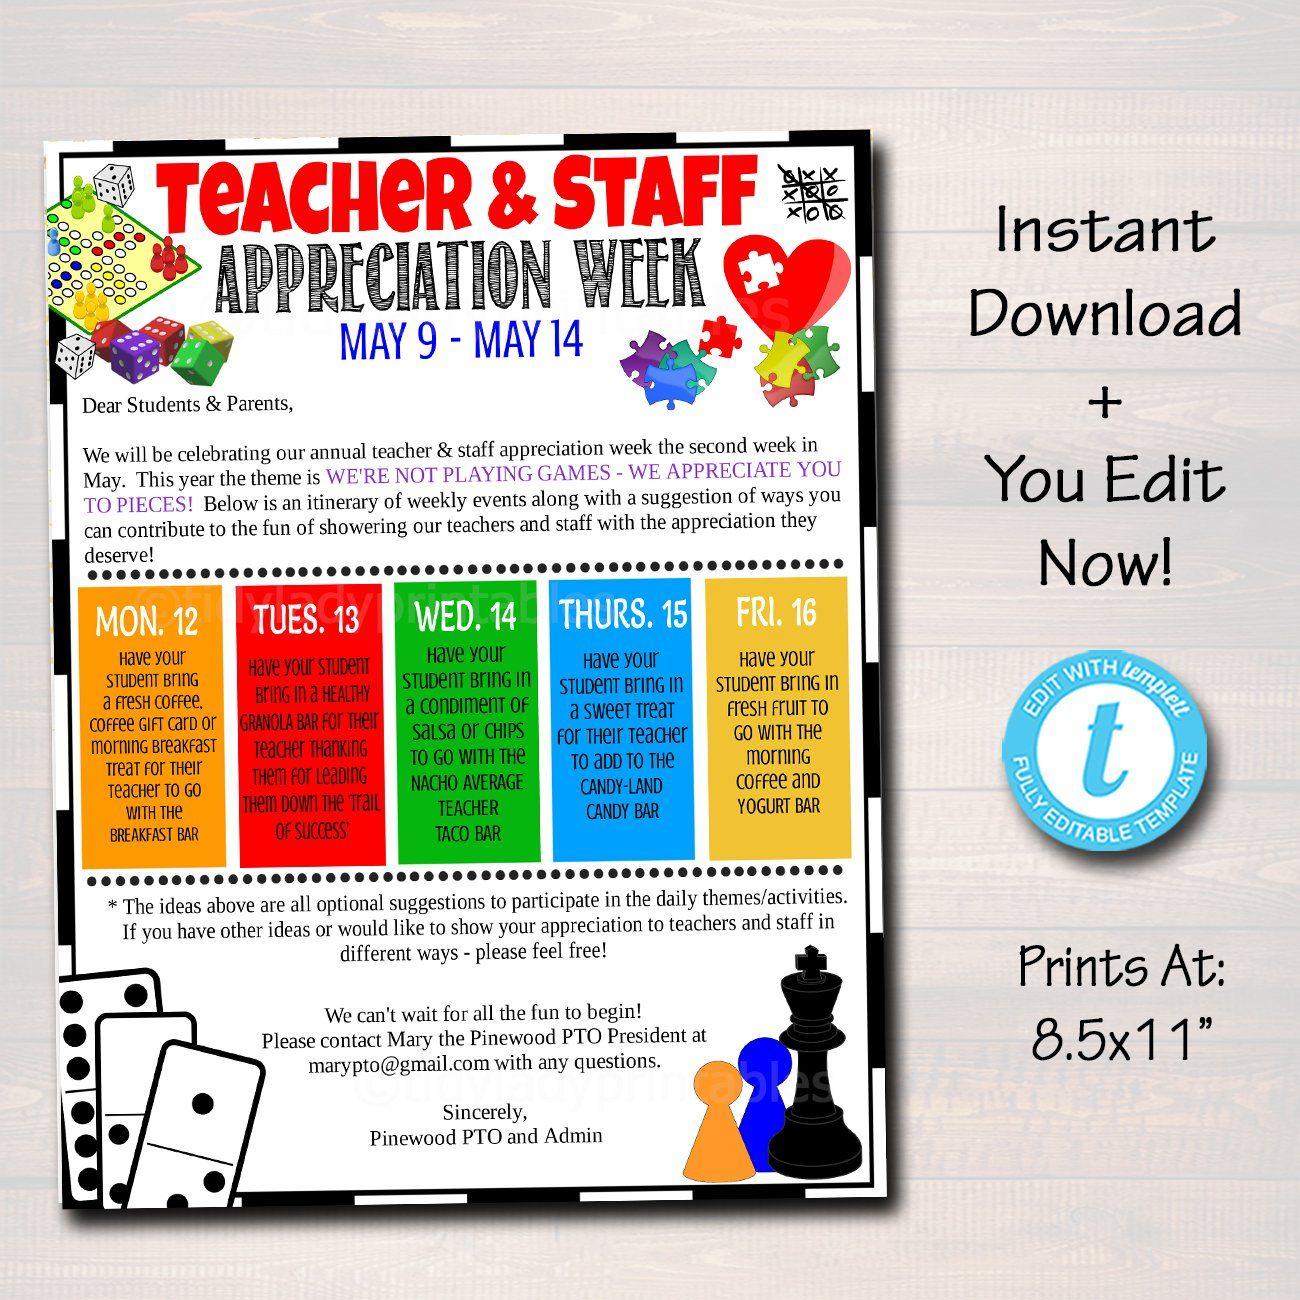 Games Theme Teacher Appreciation Week Take Home Newsletter Printable In 2020 Teacher Appreciation Week Teacher Appreciation Week Schedule Teacher Appreciation